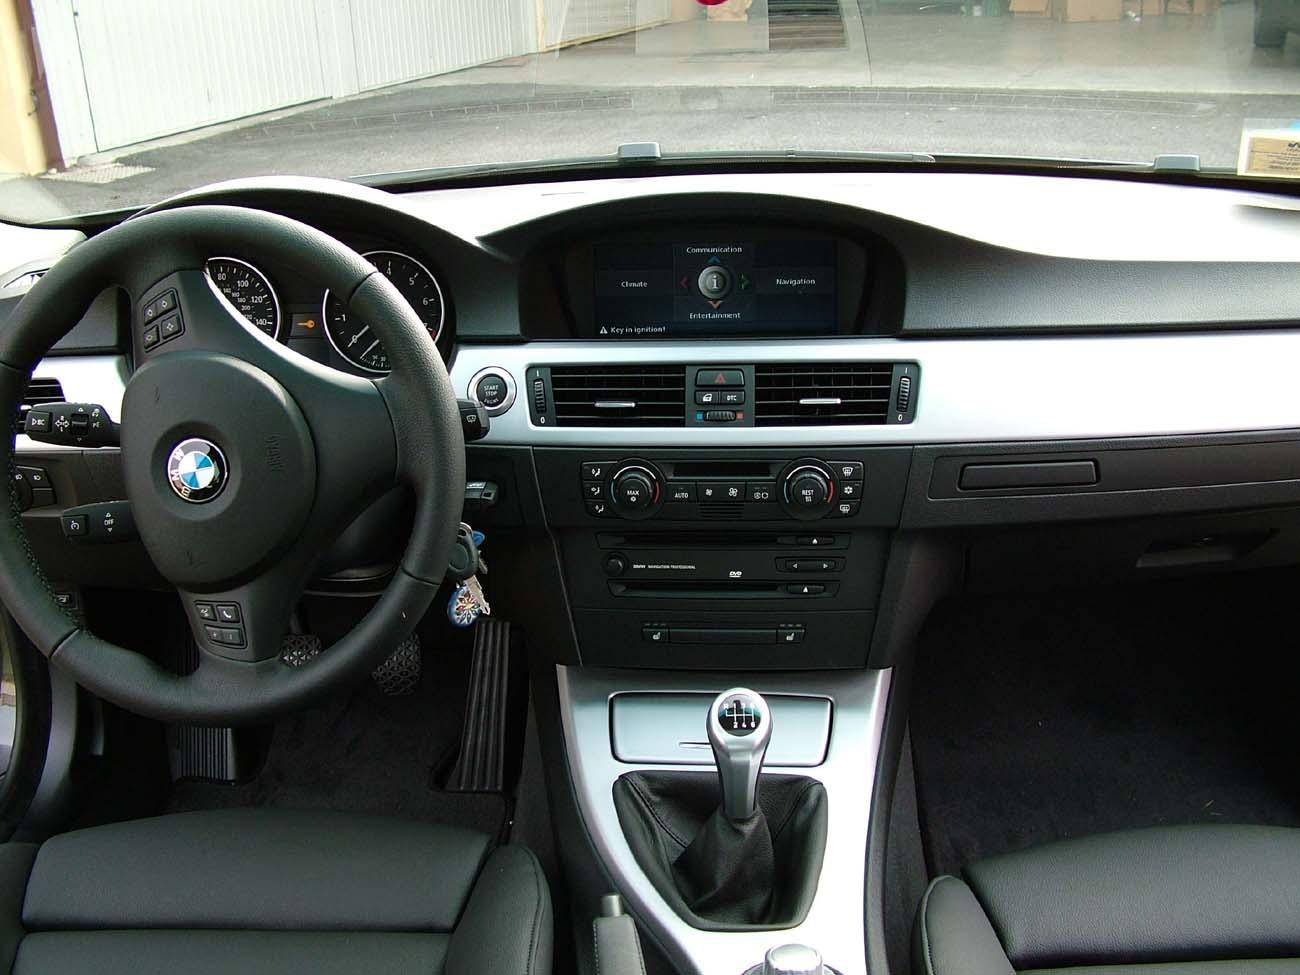 2008 E90 Interior Color Combination Pics Bimmerfest